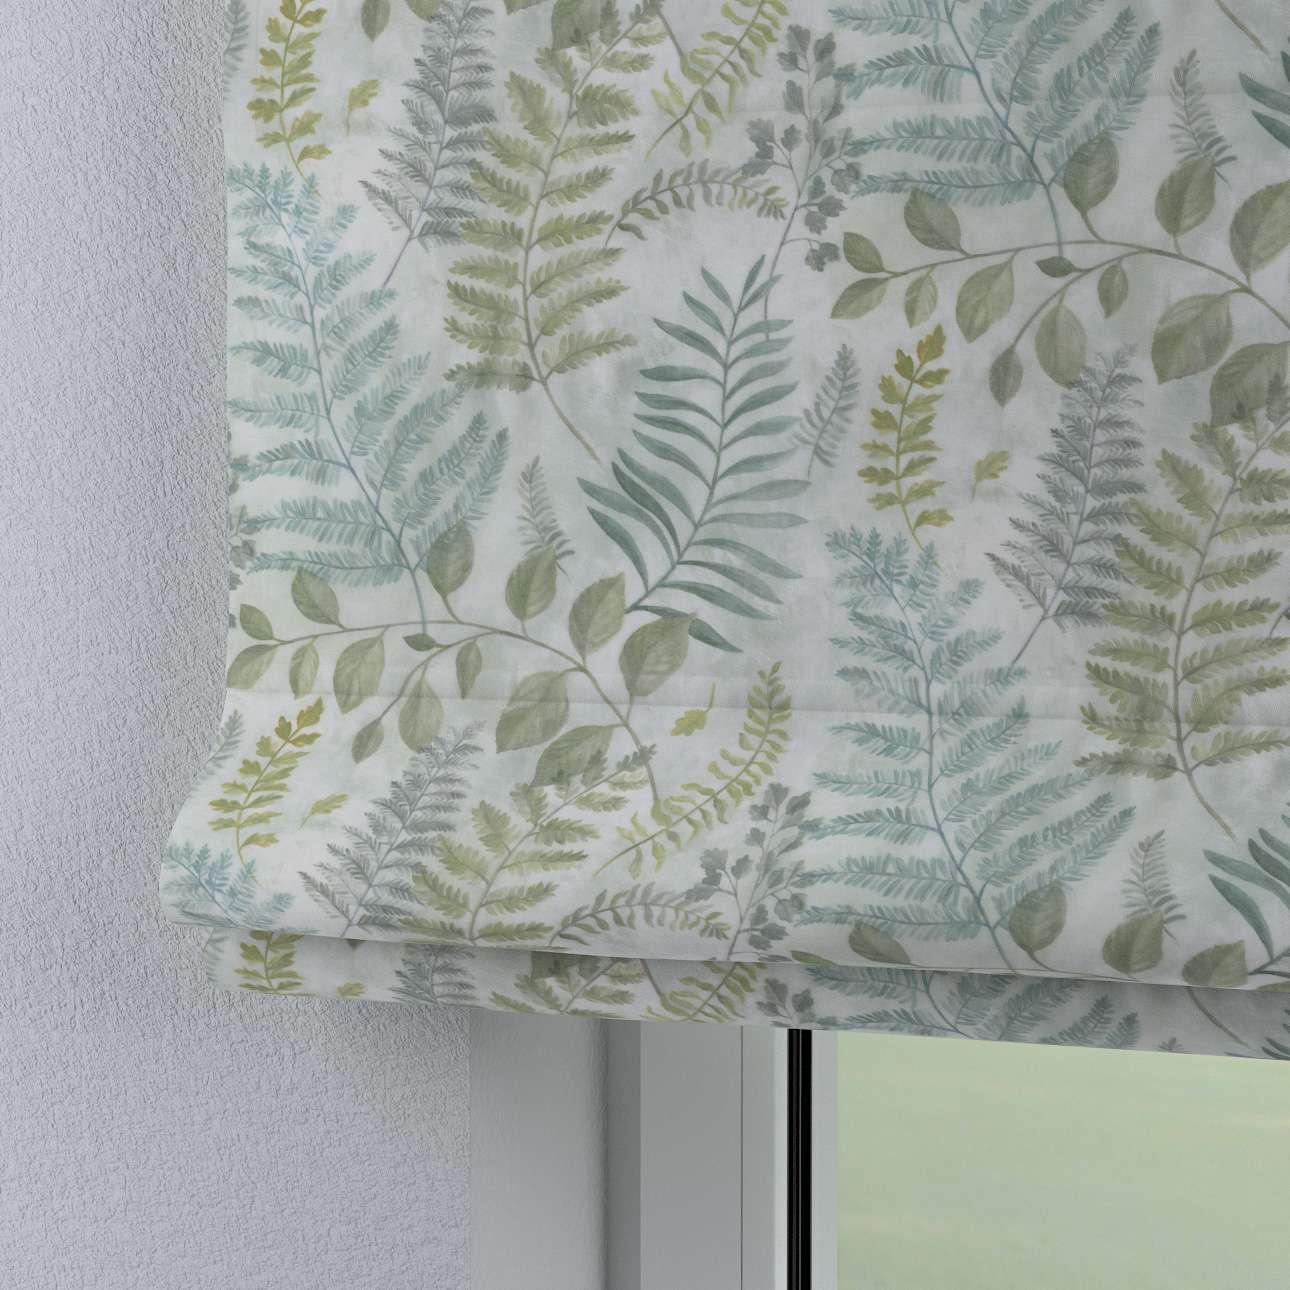 Roleta rzymska Bari 130x170cm w kolekcji Pastel Forest, tkanina: 142-46